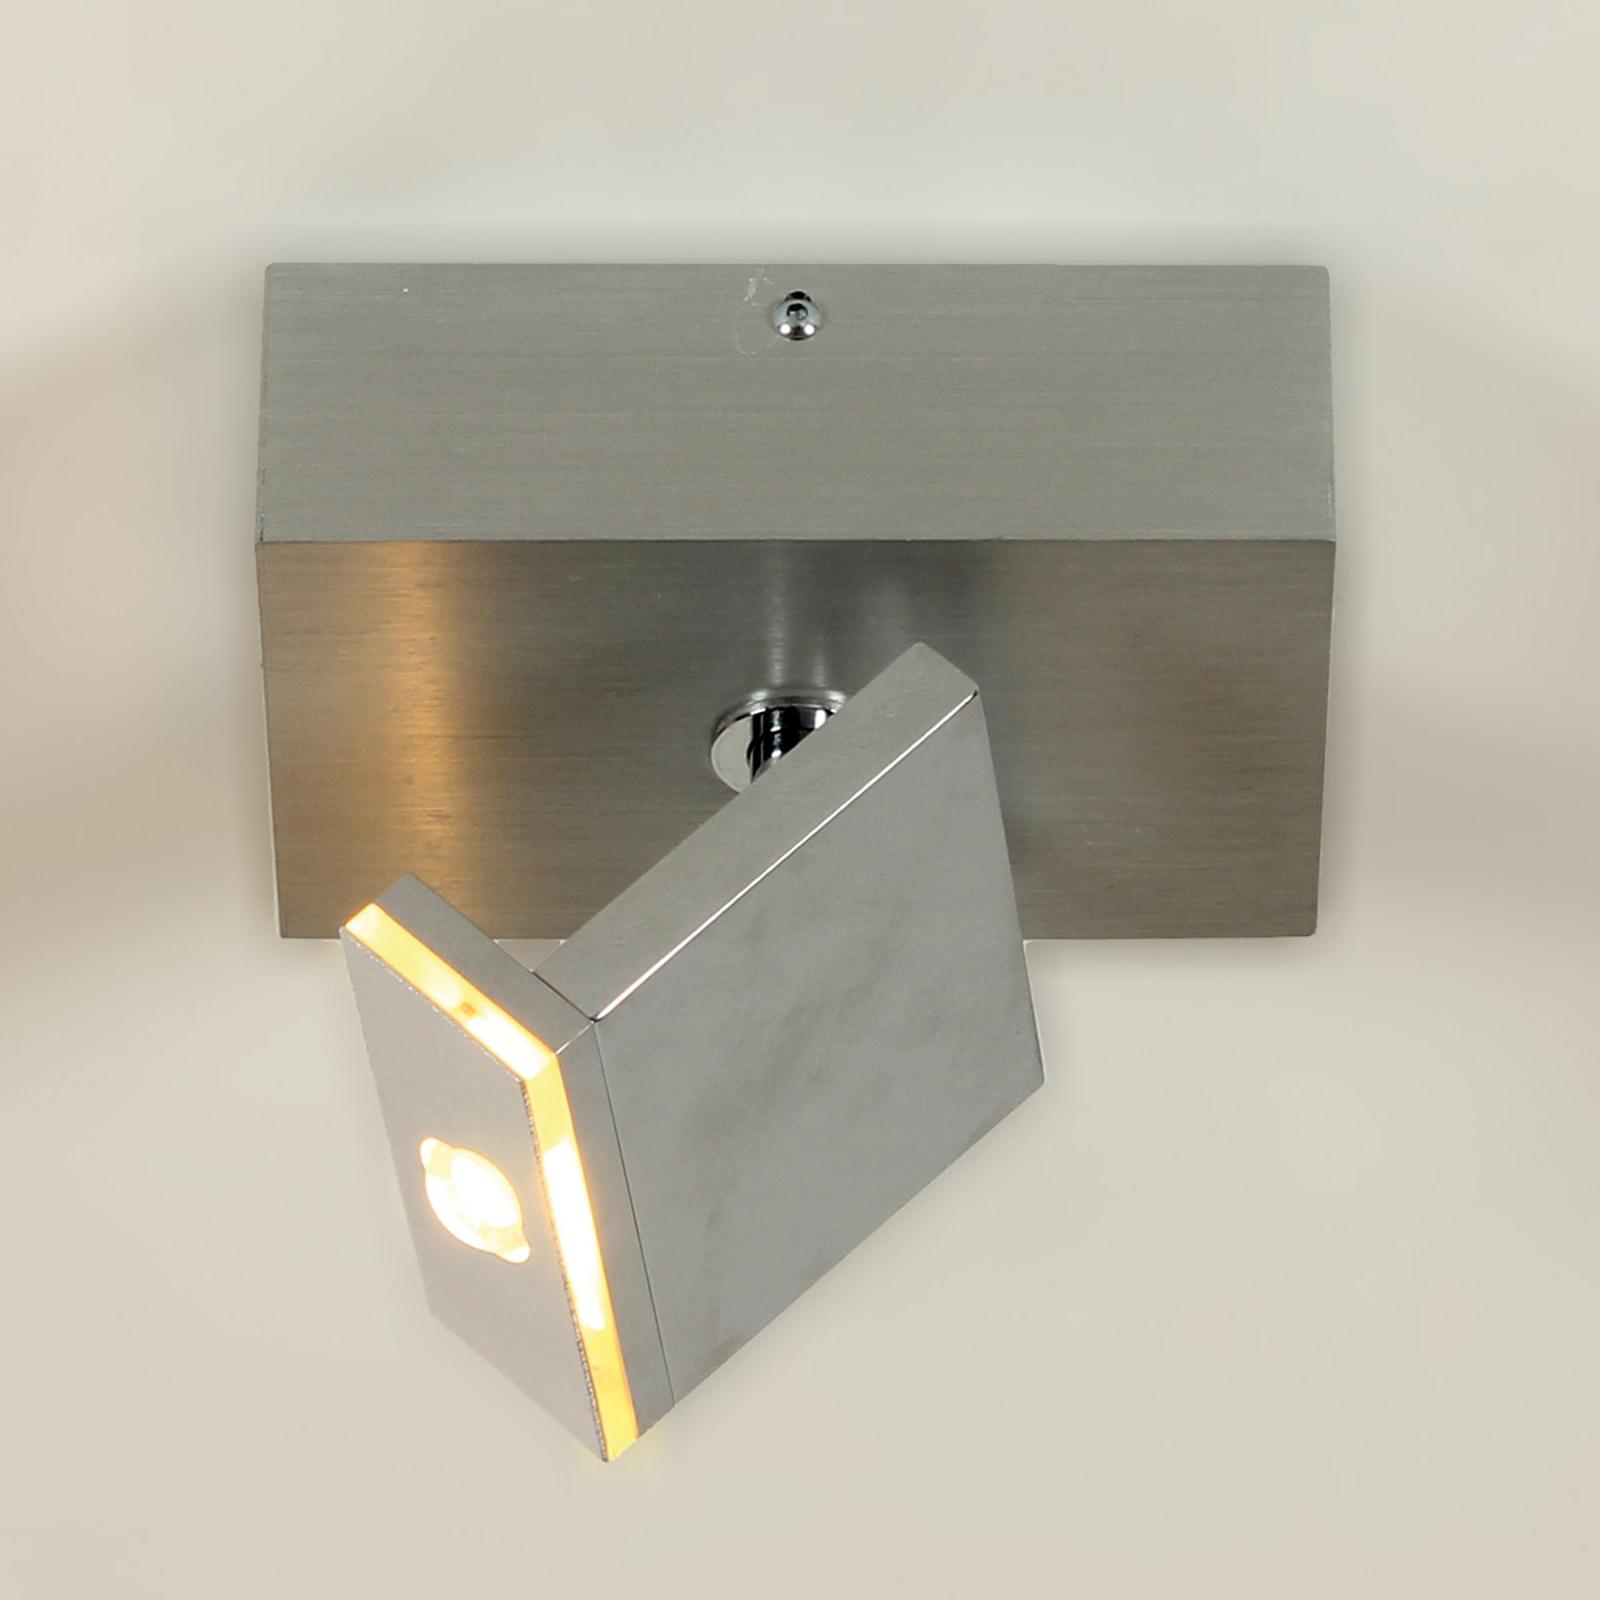 Liten LED-takspotlight Elle, vippbar och dimbar